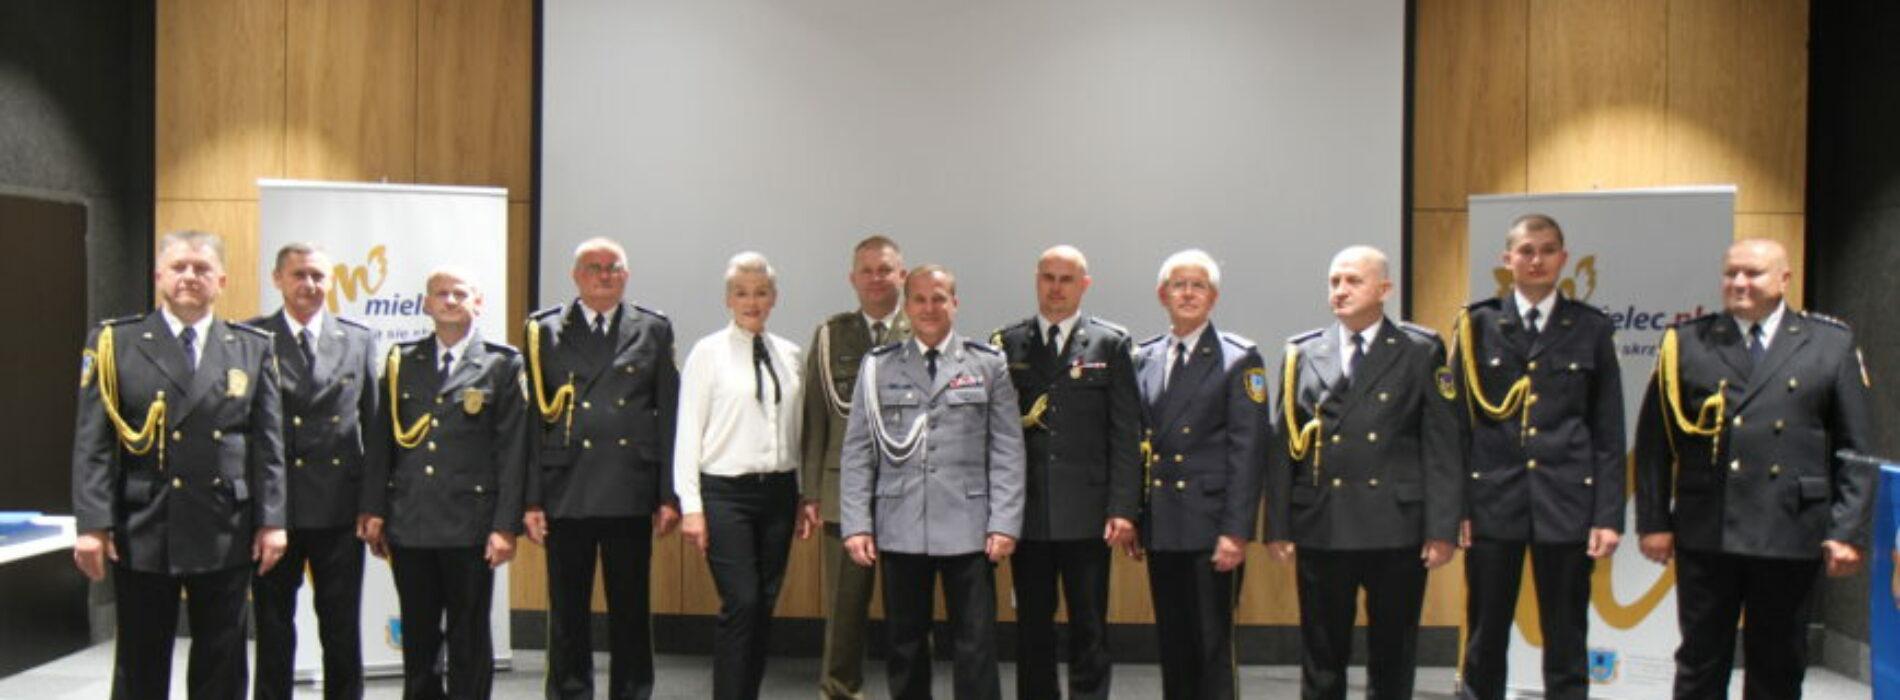 Jubileusz 30-lecia powołania Straży Miejskiej w Mielcu